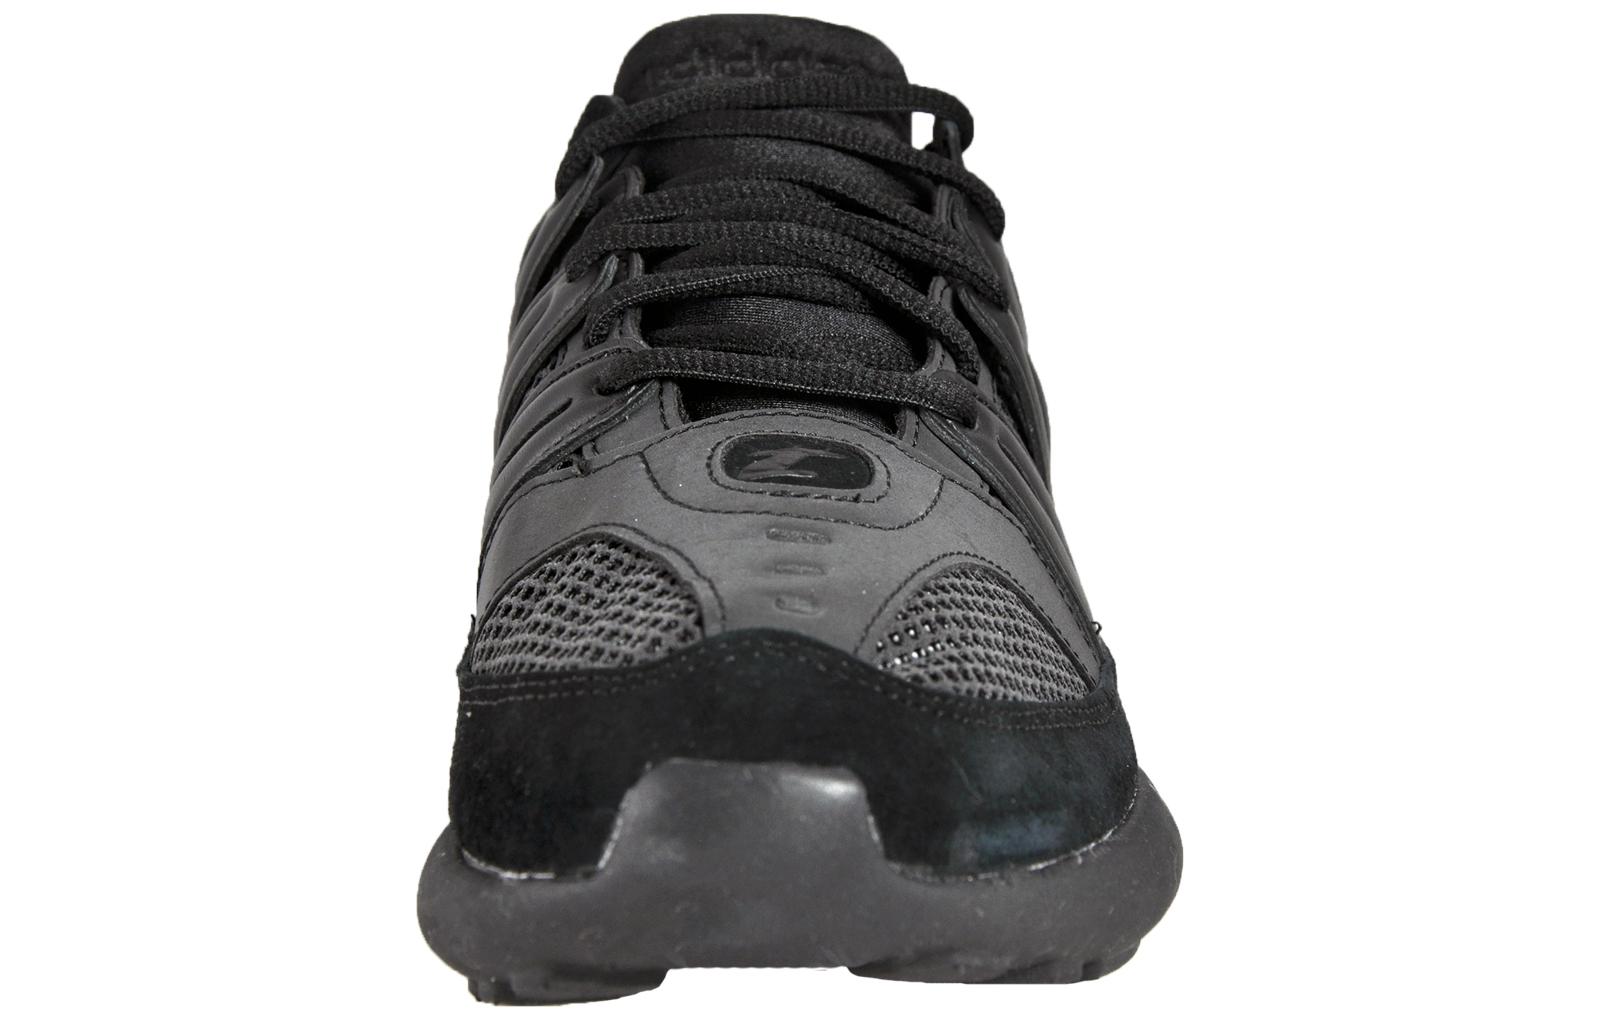 Adidas Originali Tubolare Classico Nero Uomini Retrò Formatori Occasionali 93 Uomini Nero 74524d